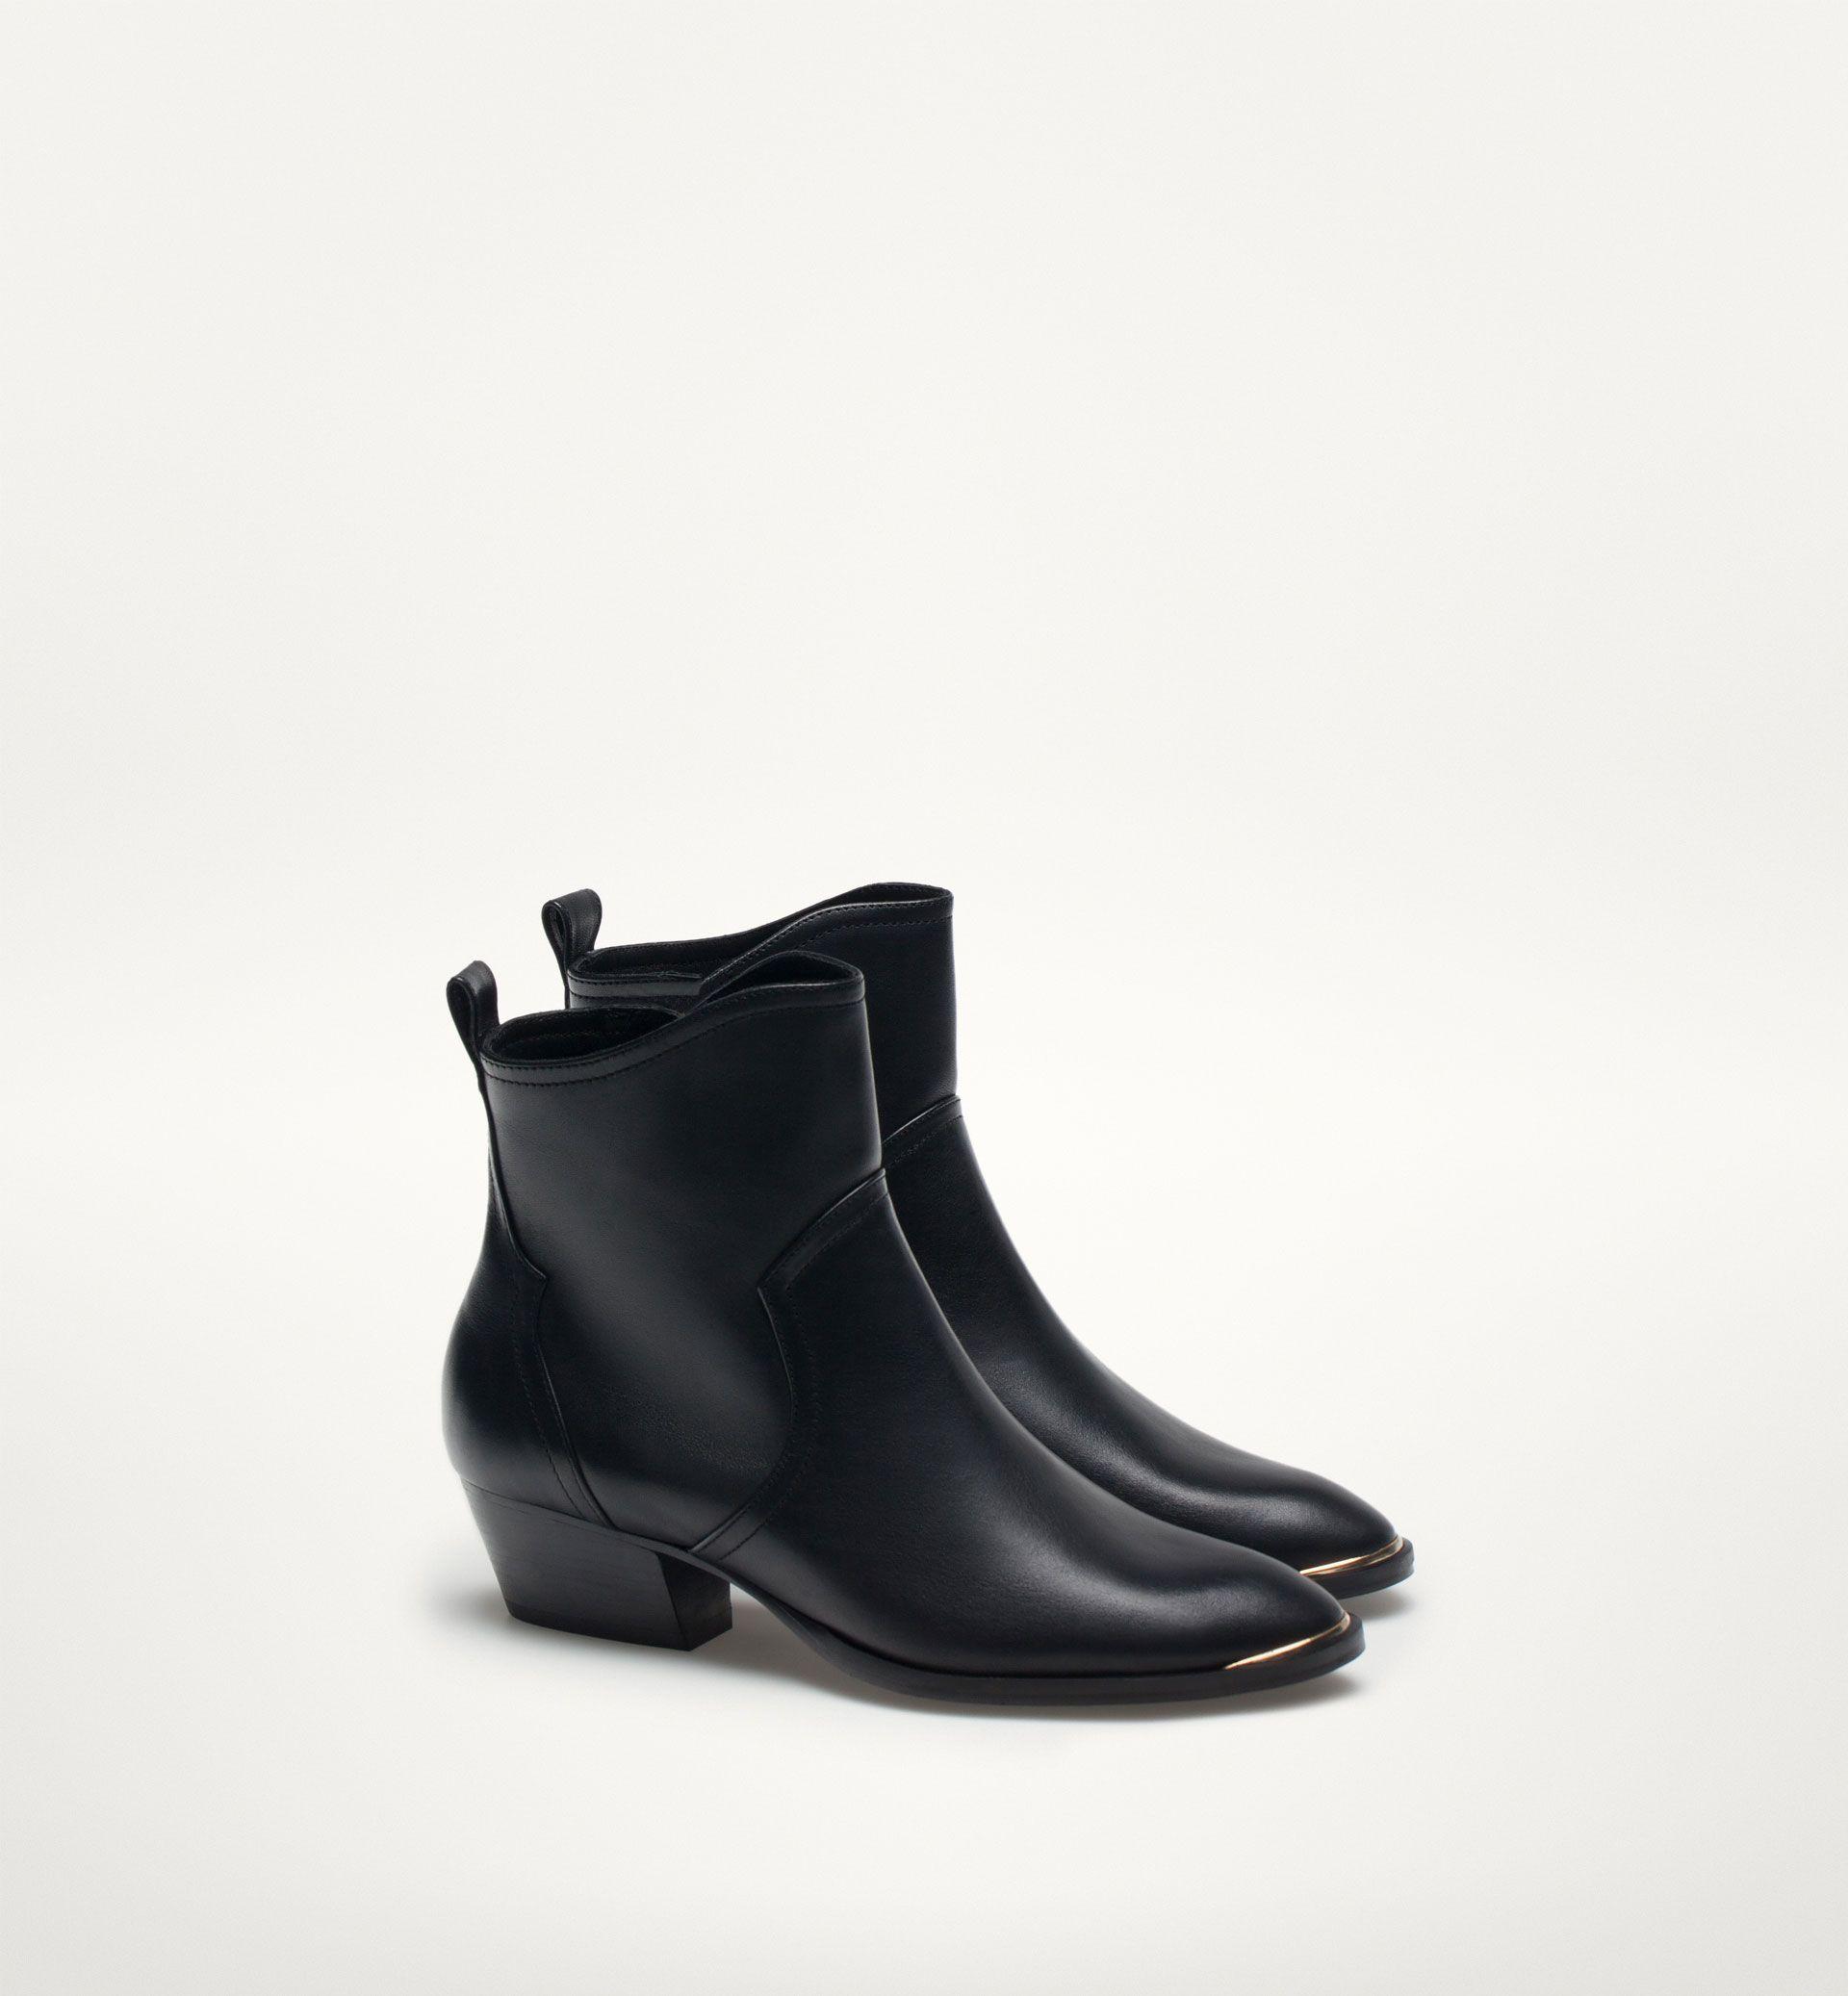 Modne Buty Z Sieciowek Trendy Jesien Zima 2015 2016 Boots Boot Shoes Women Fashion Shoes